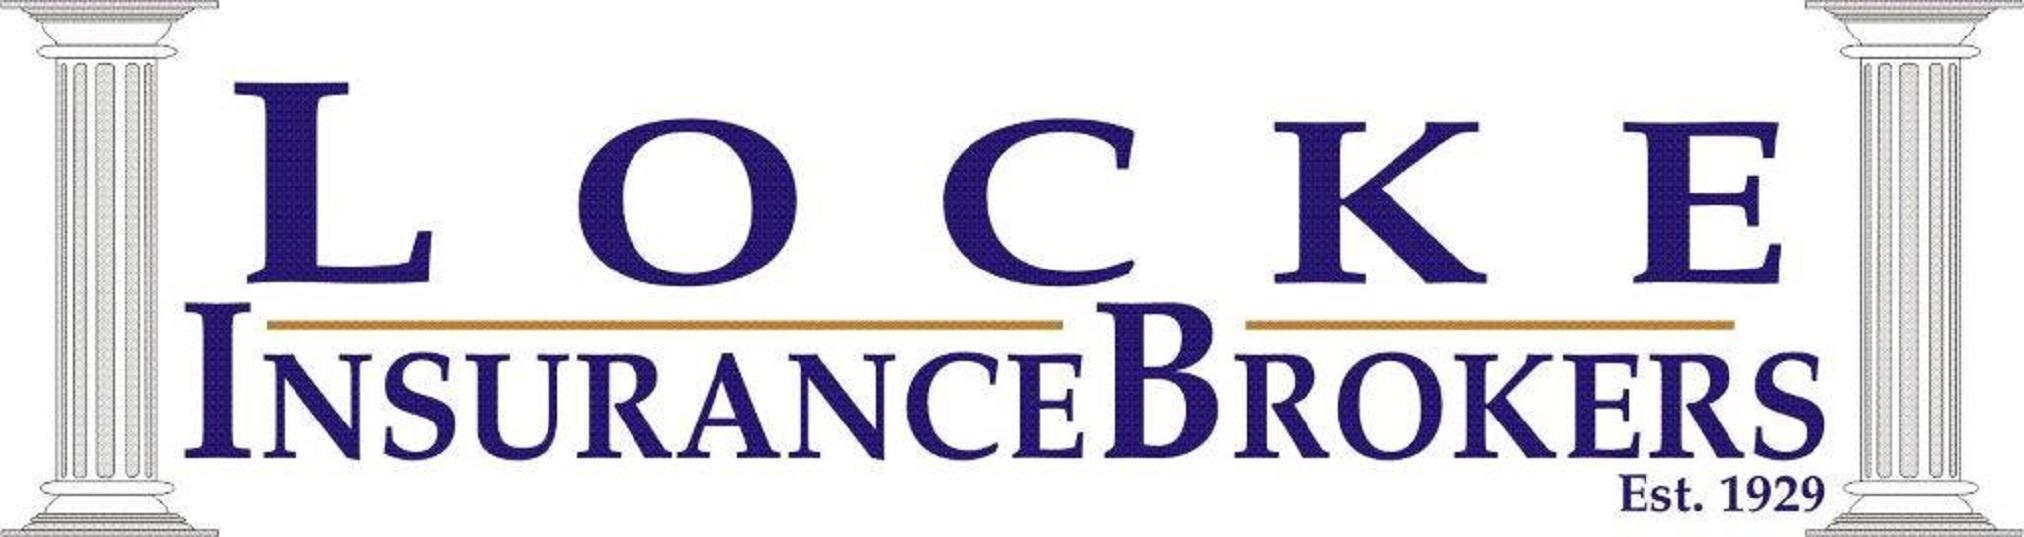 https://0901.nccdn.net/4_2/000/000/071/260/locke-logo2-2024x537.jpg